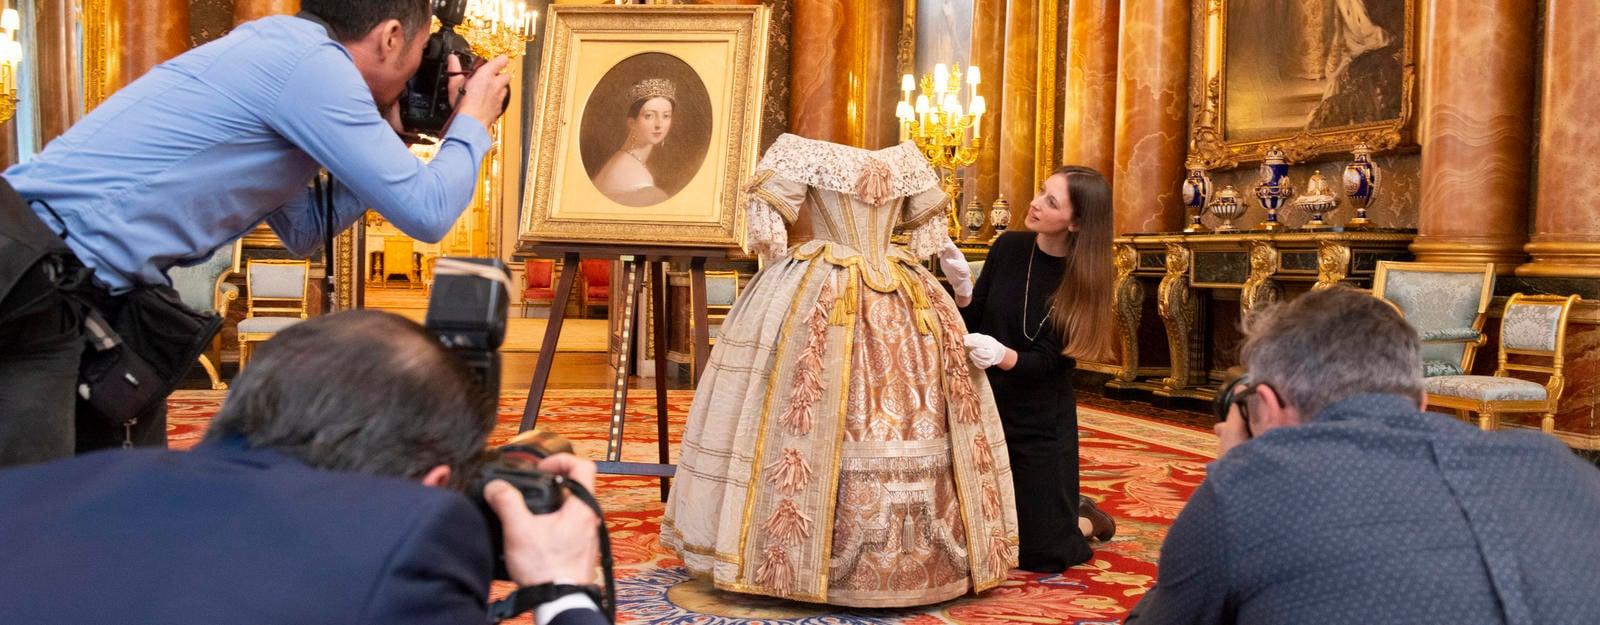 Media at a photo-call at Buckingham Palace